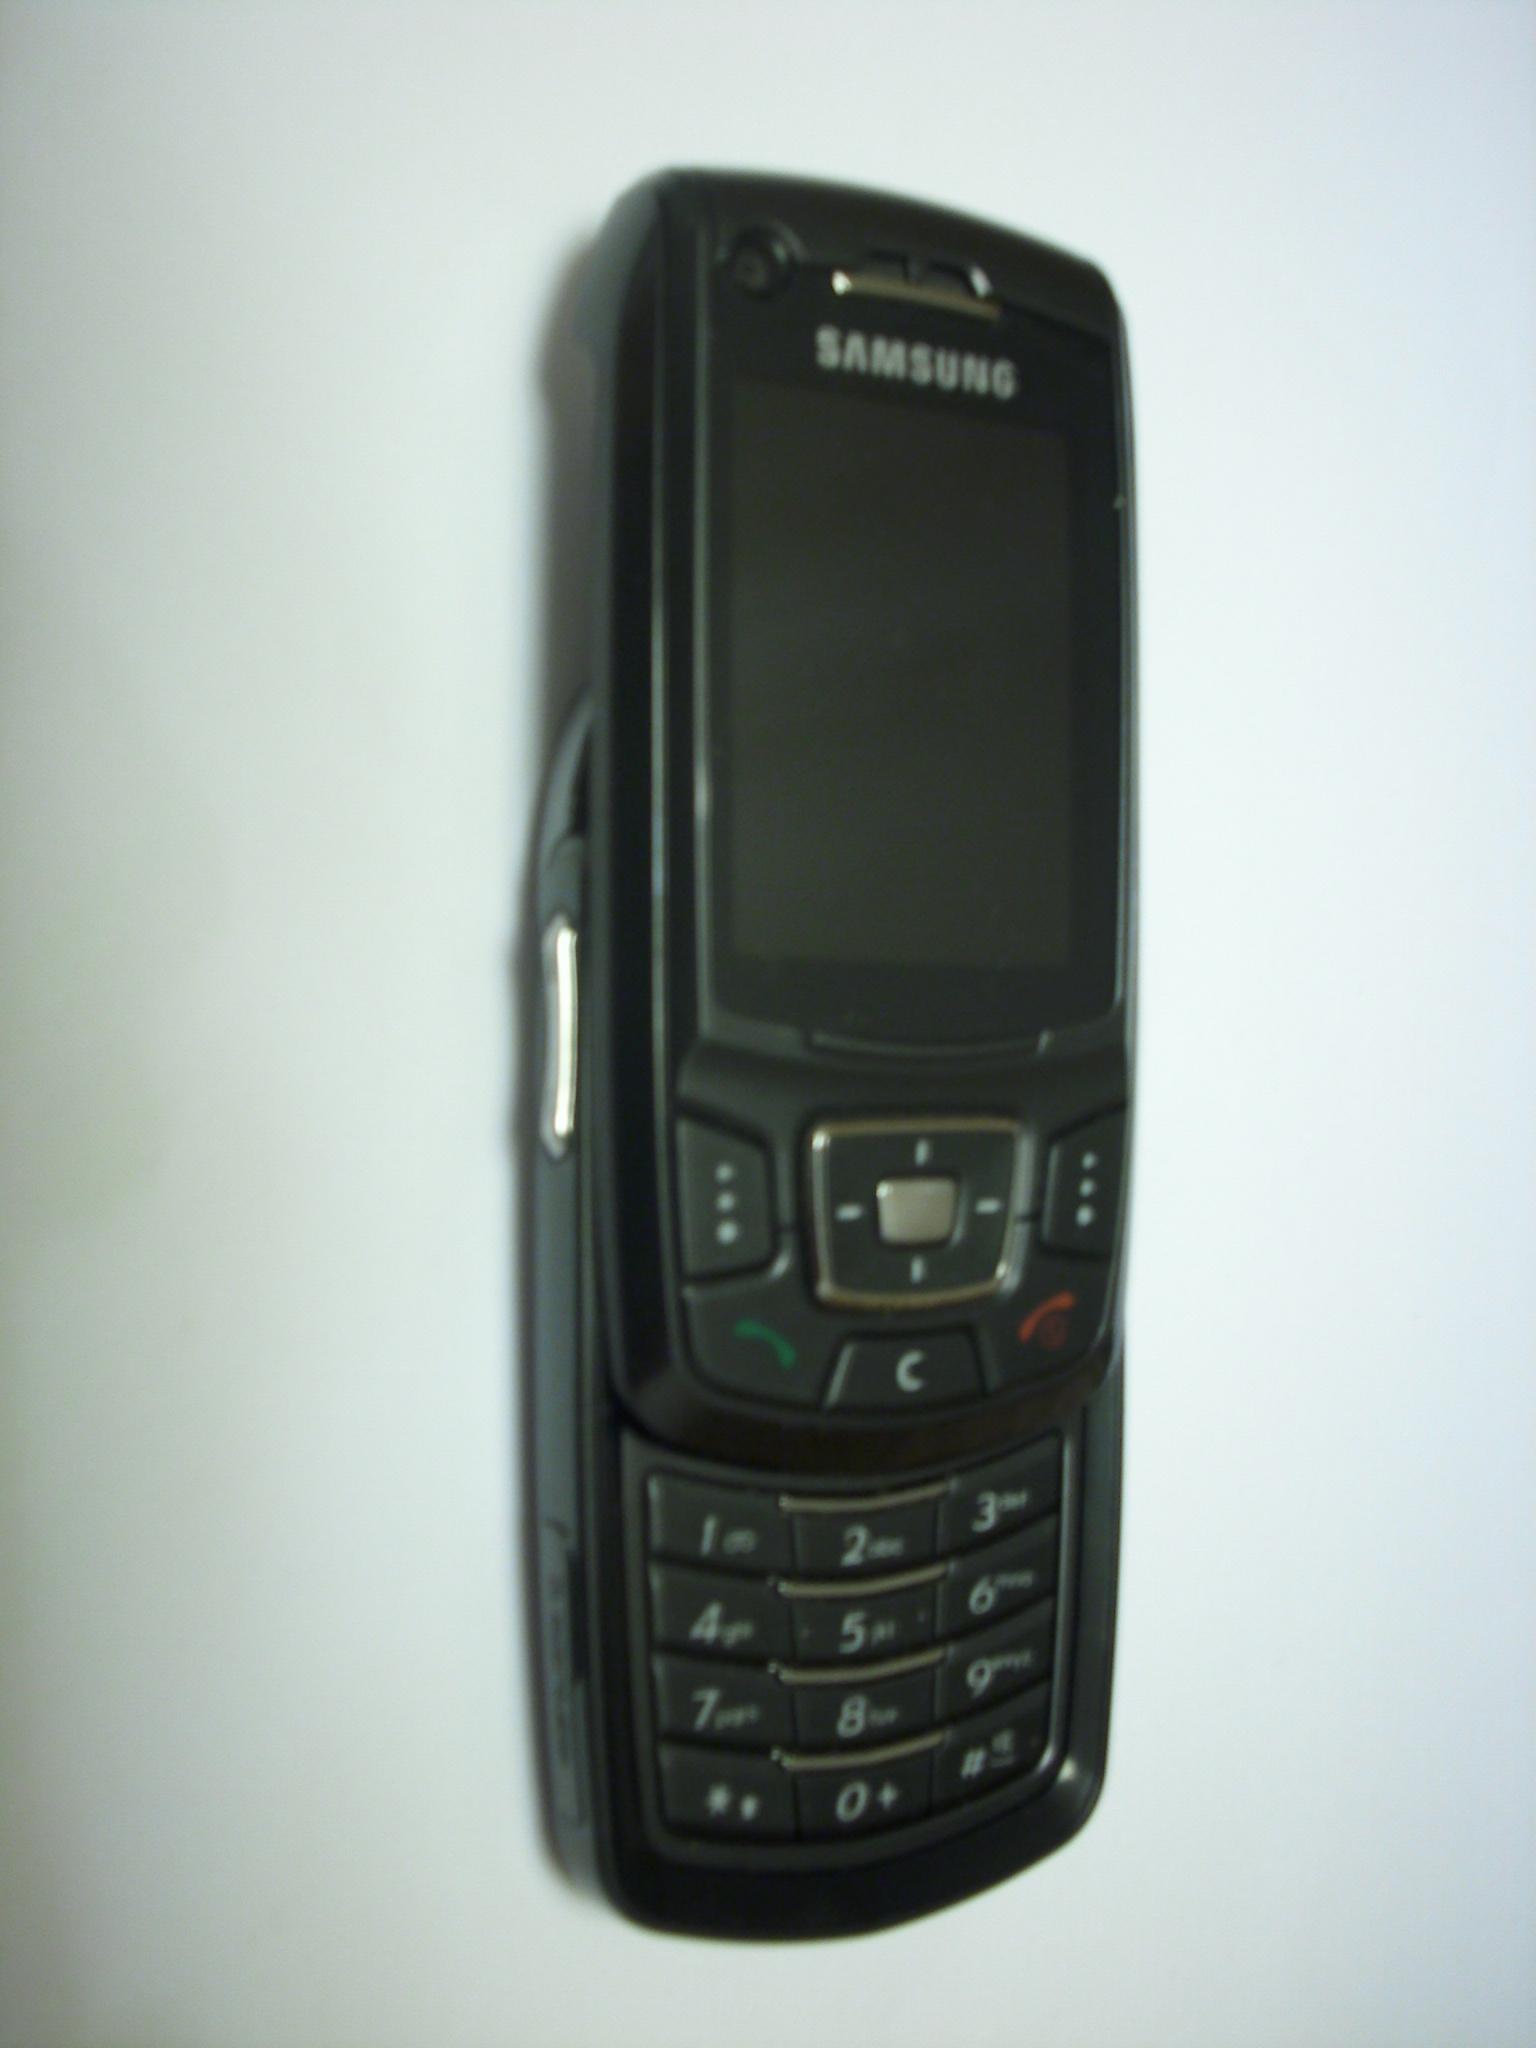 Samsung sgh z400 инструкция